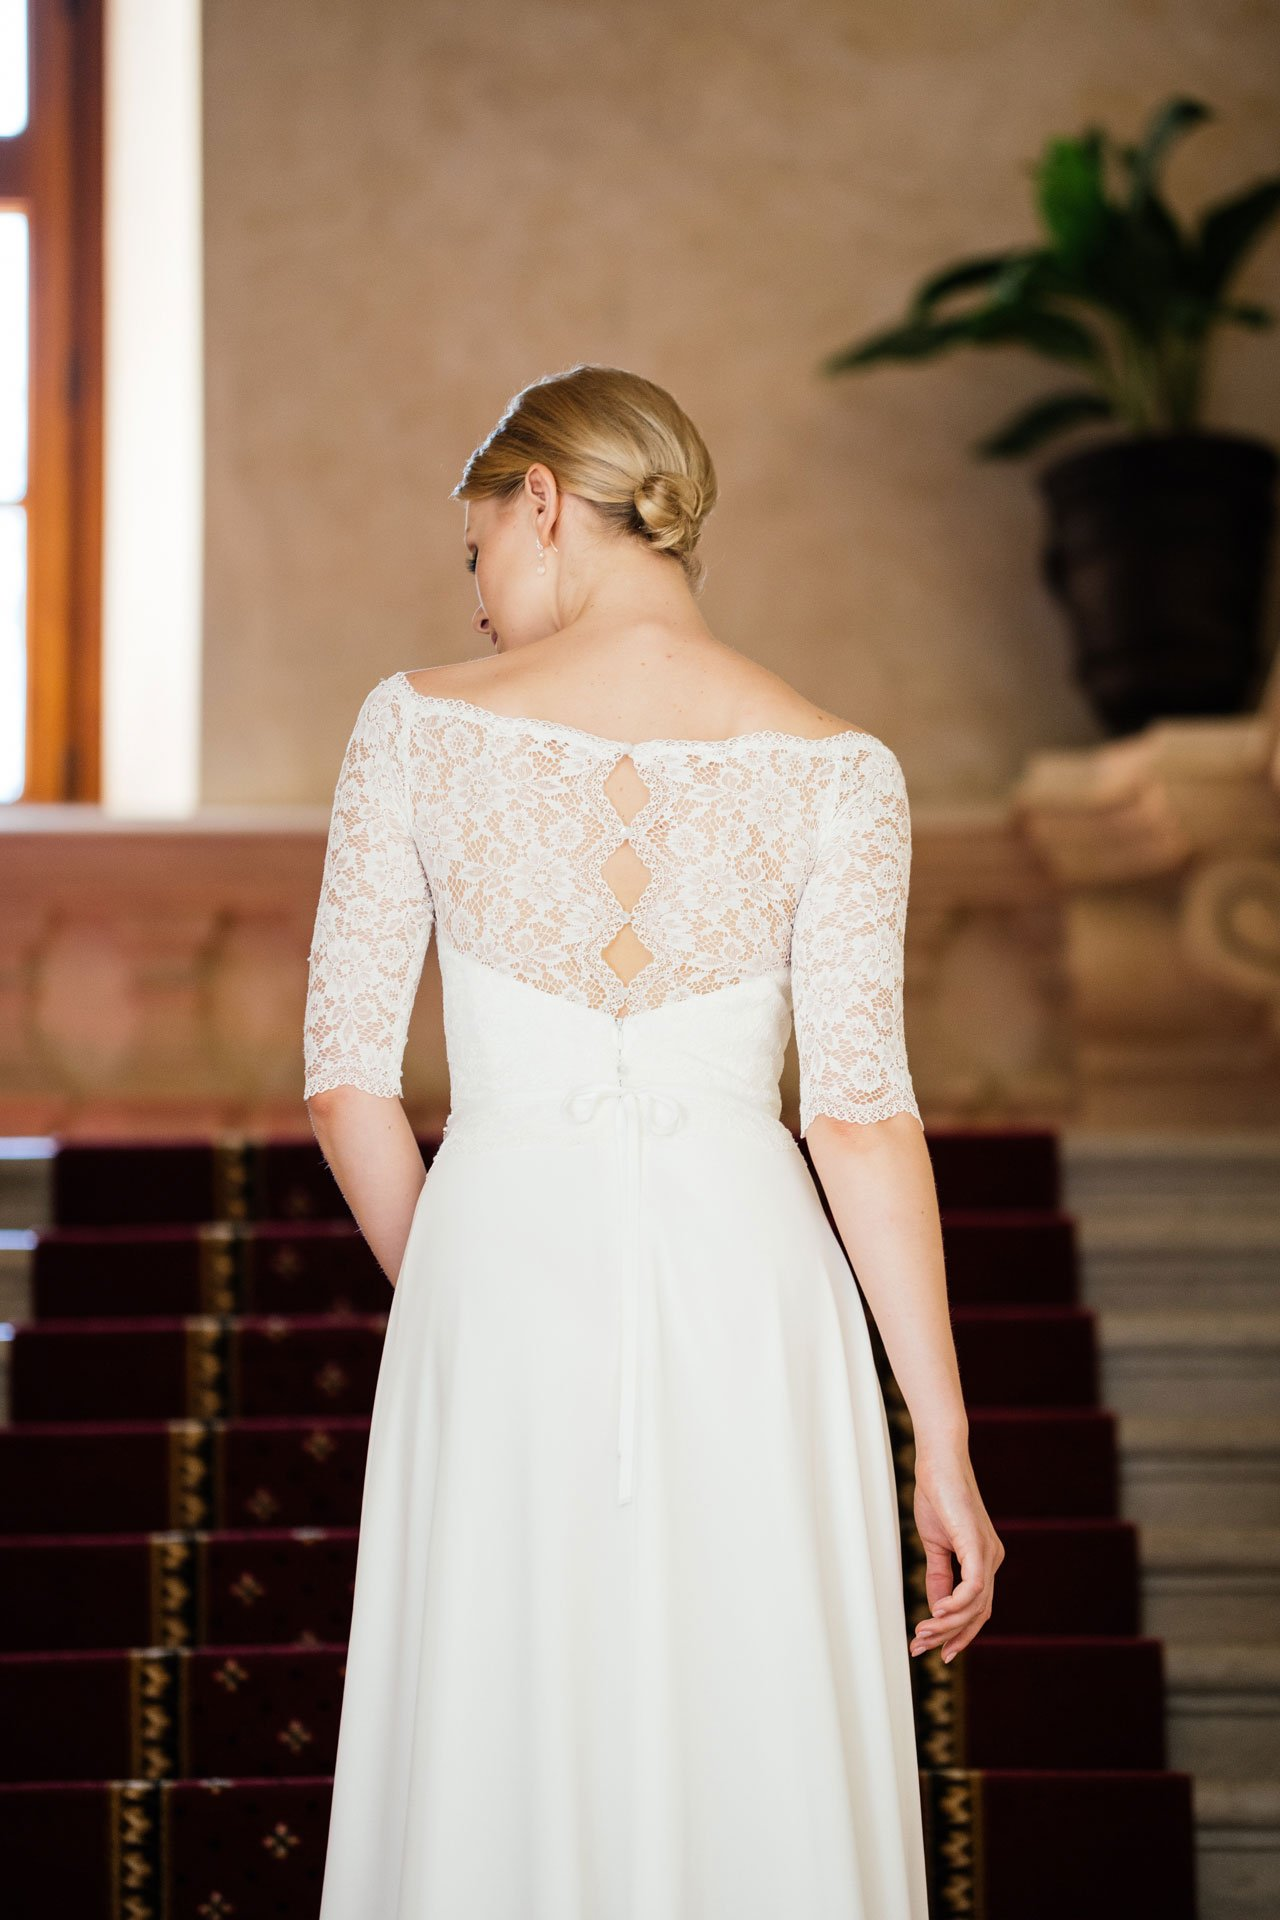 Brautkleid Spitze Ärmel – besonderer Rücken